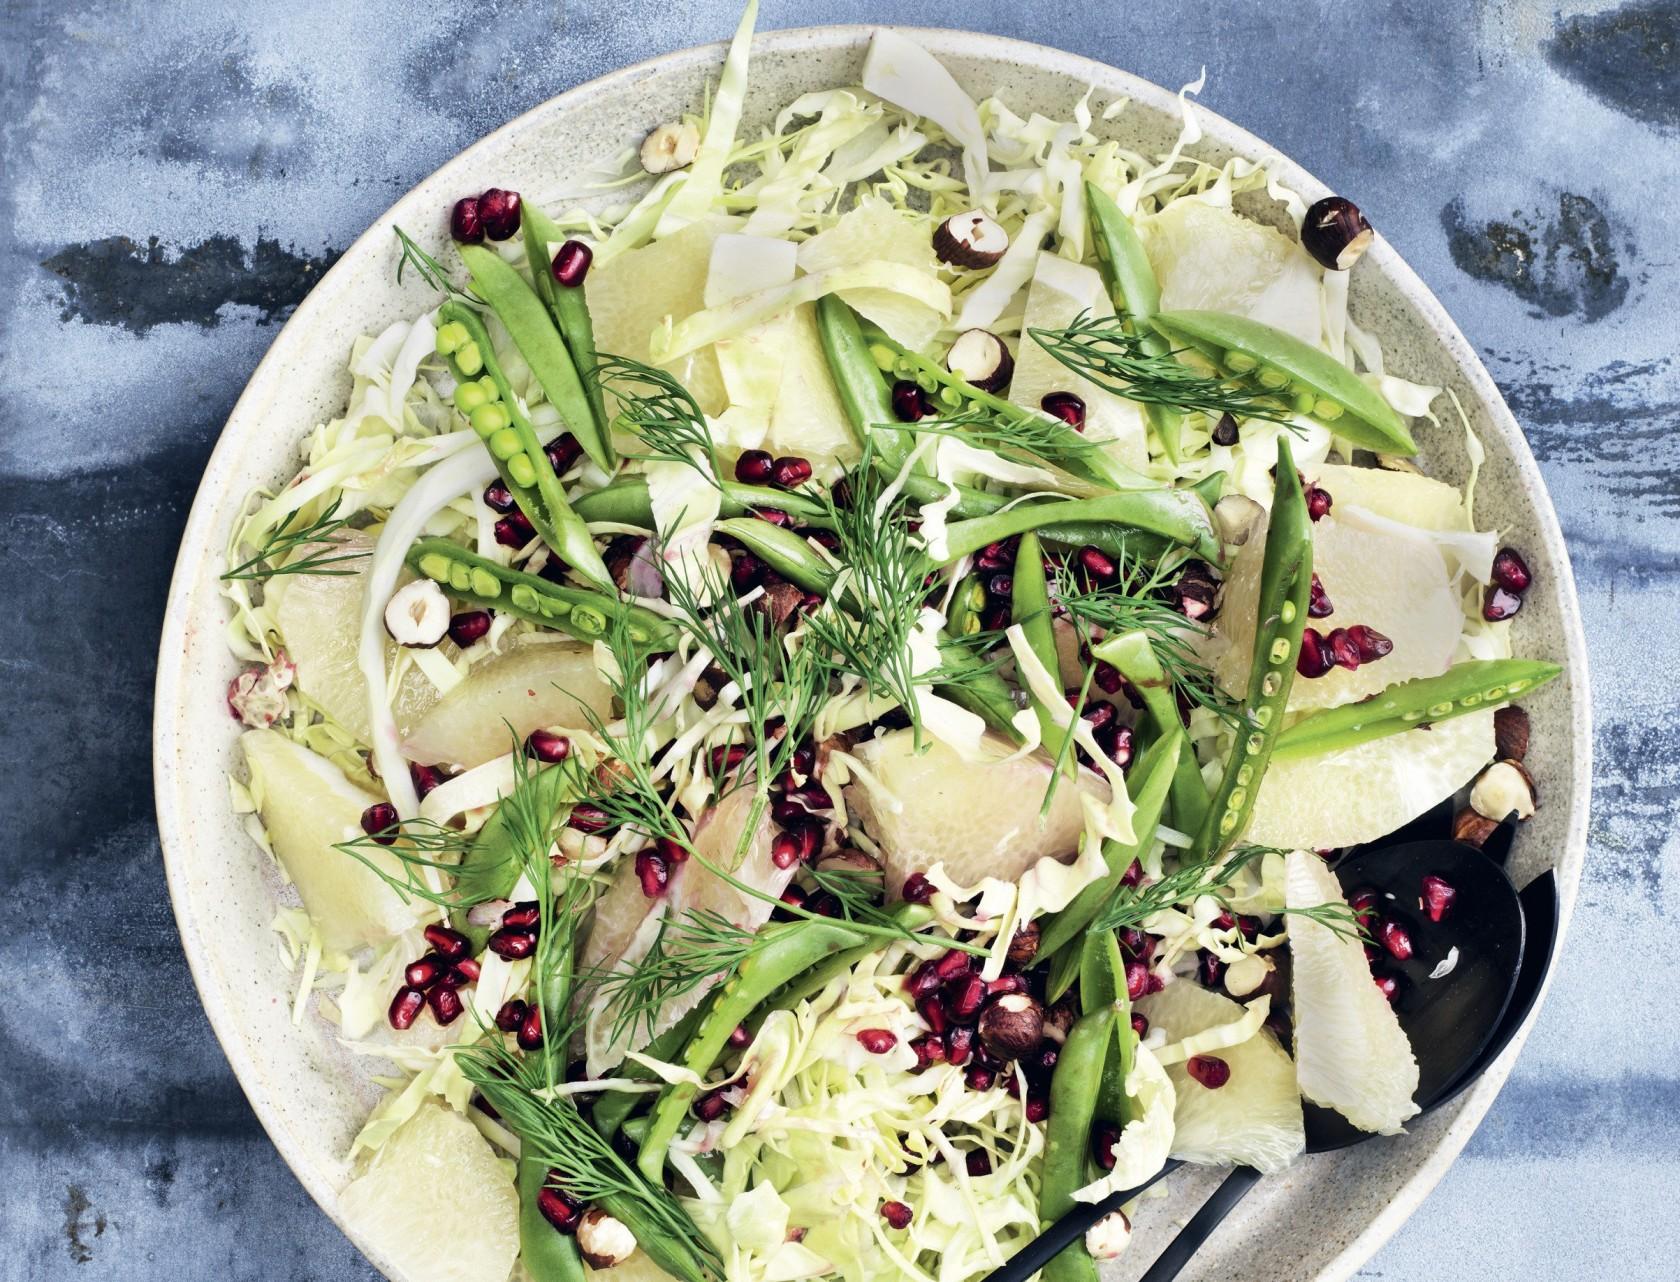 Hvidkålssalat med granatæble og hasselnødder - lækker opskrift på godt tilbehør.